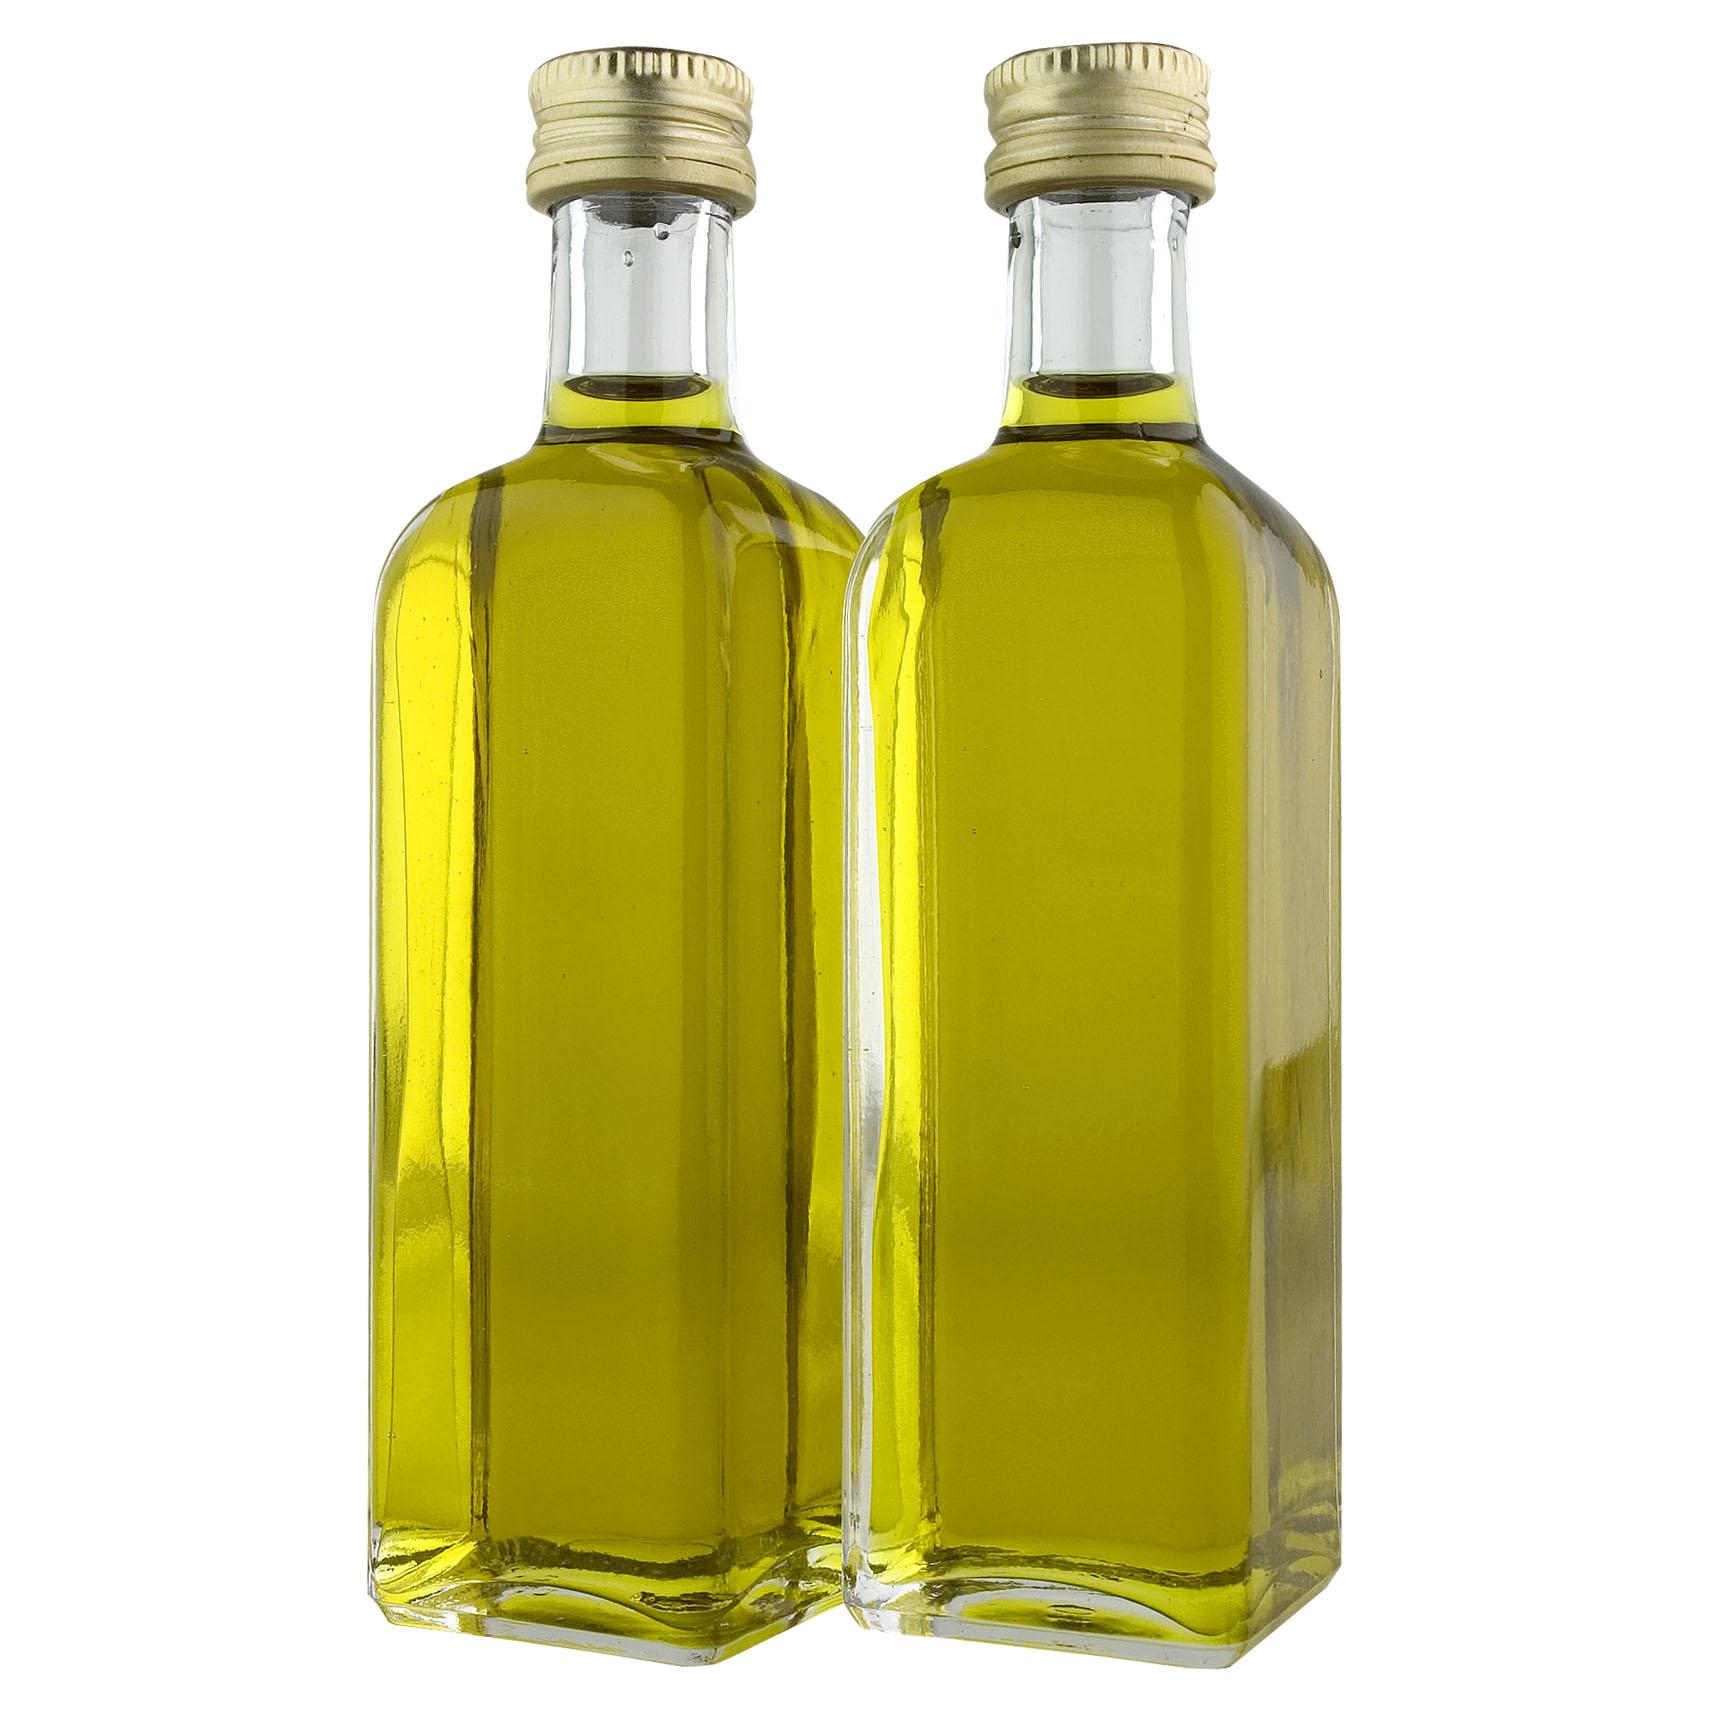 250 мл 500 мл 750 мл янтарная стеклянная бутылка для оливкового масла квадратной формы пустая стеклянная бутылка marasca 500 мл